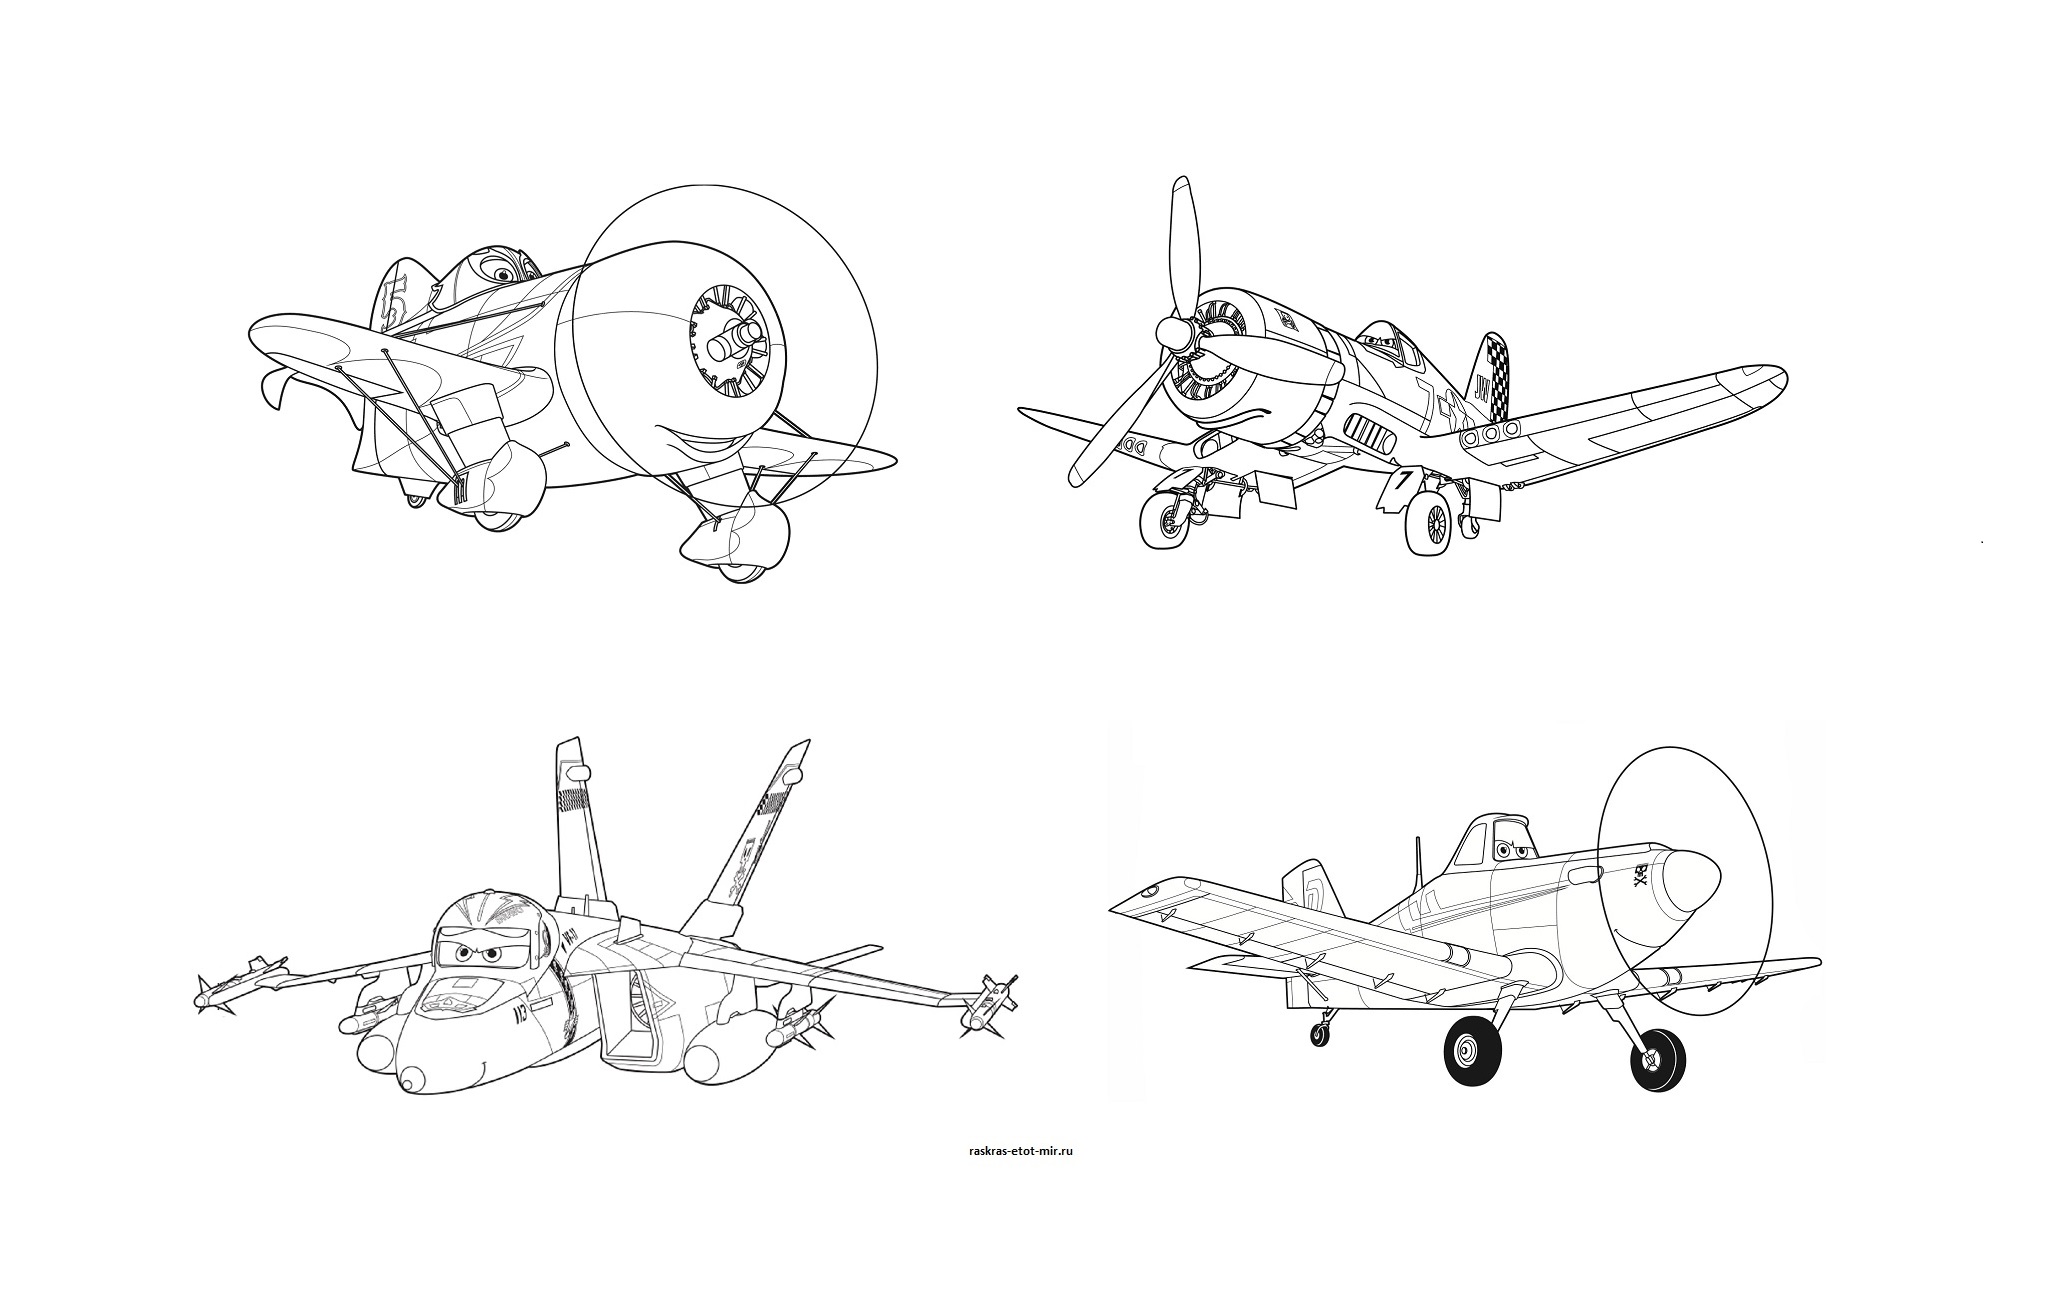 Раскраски самолетов для детей - Раскрась этот мир!